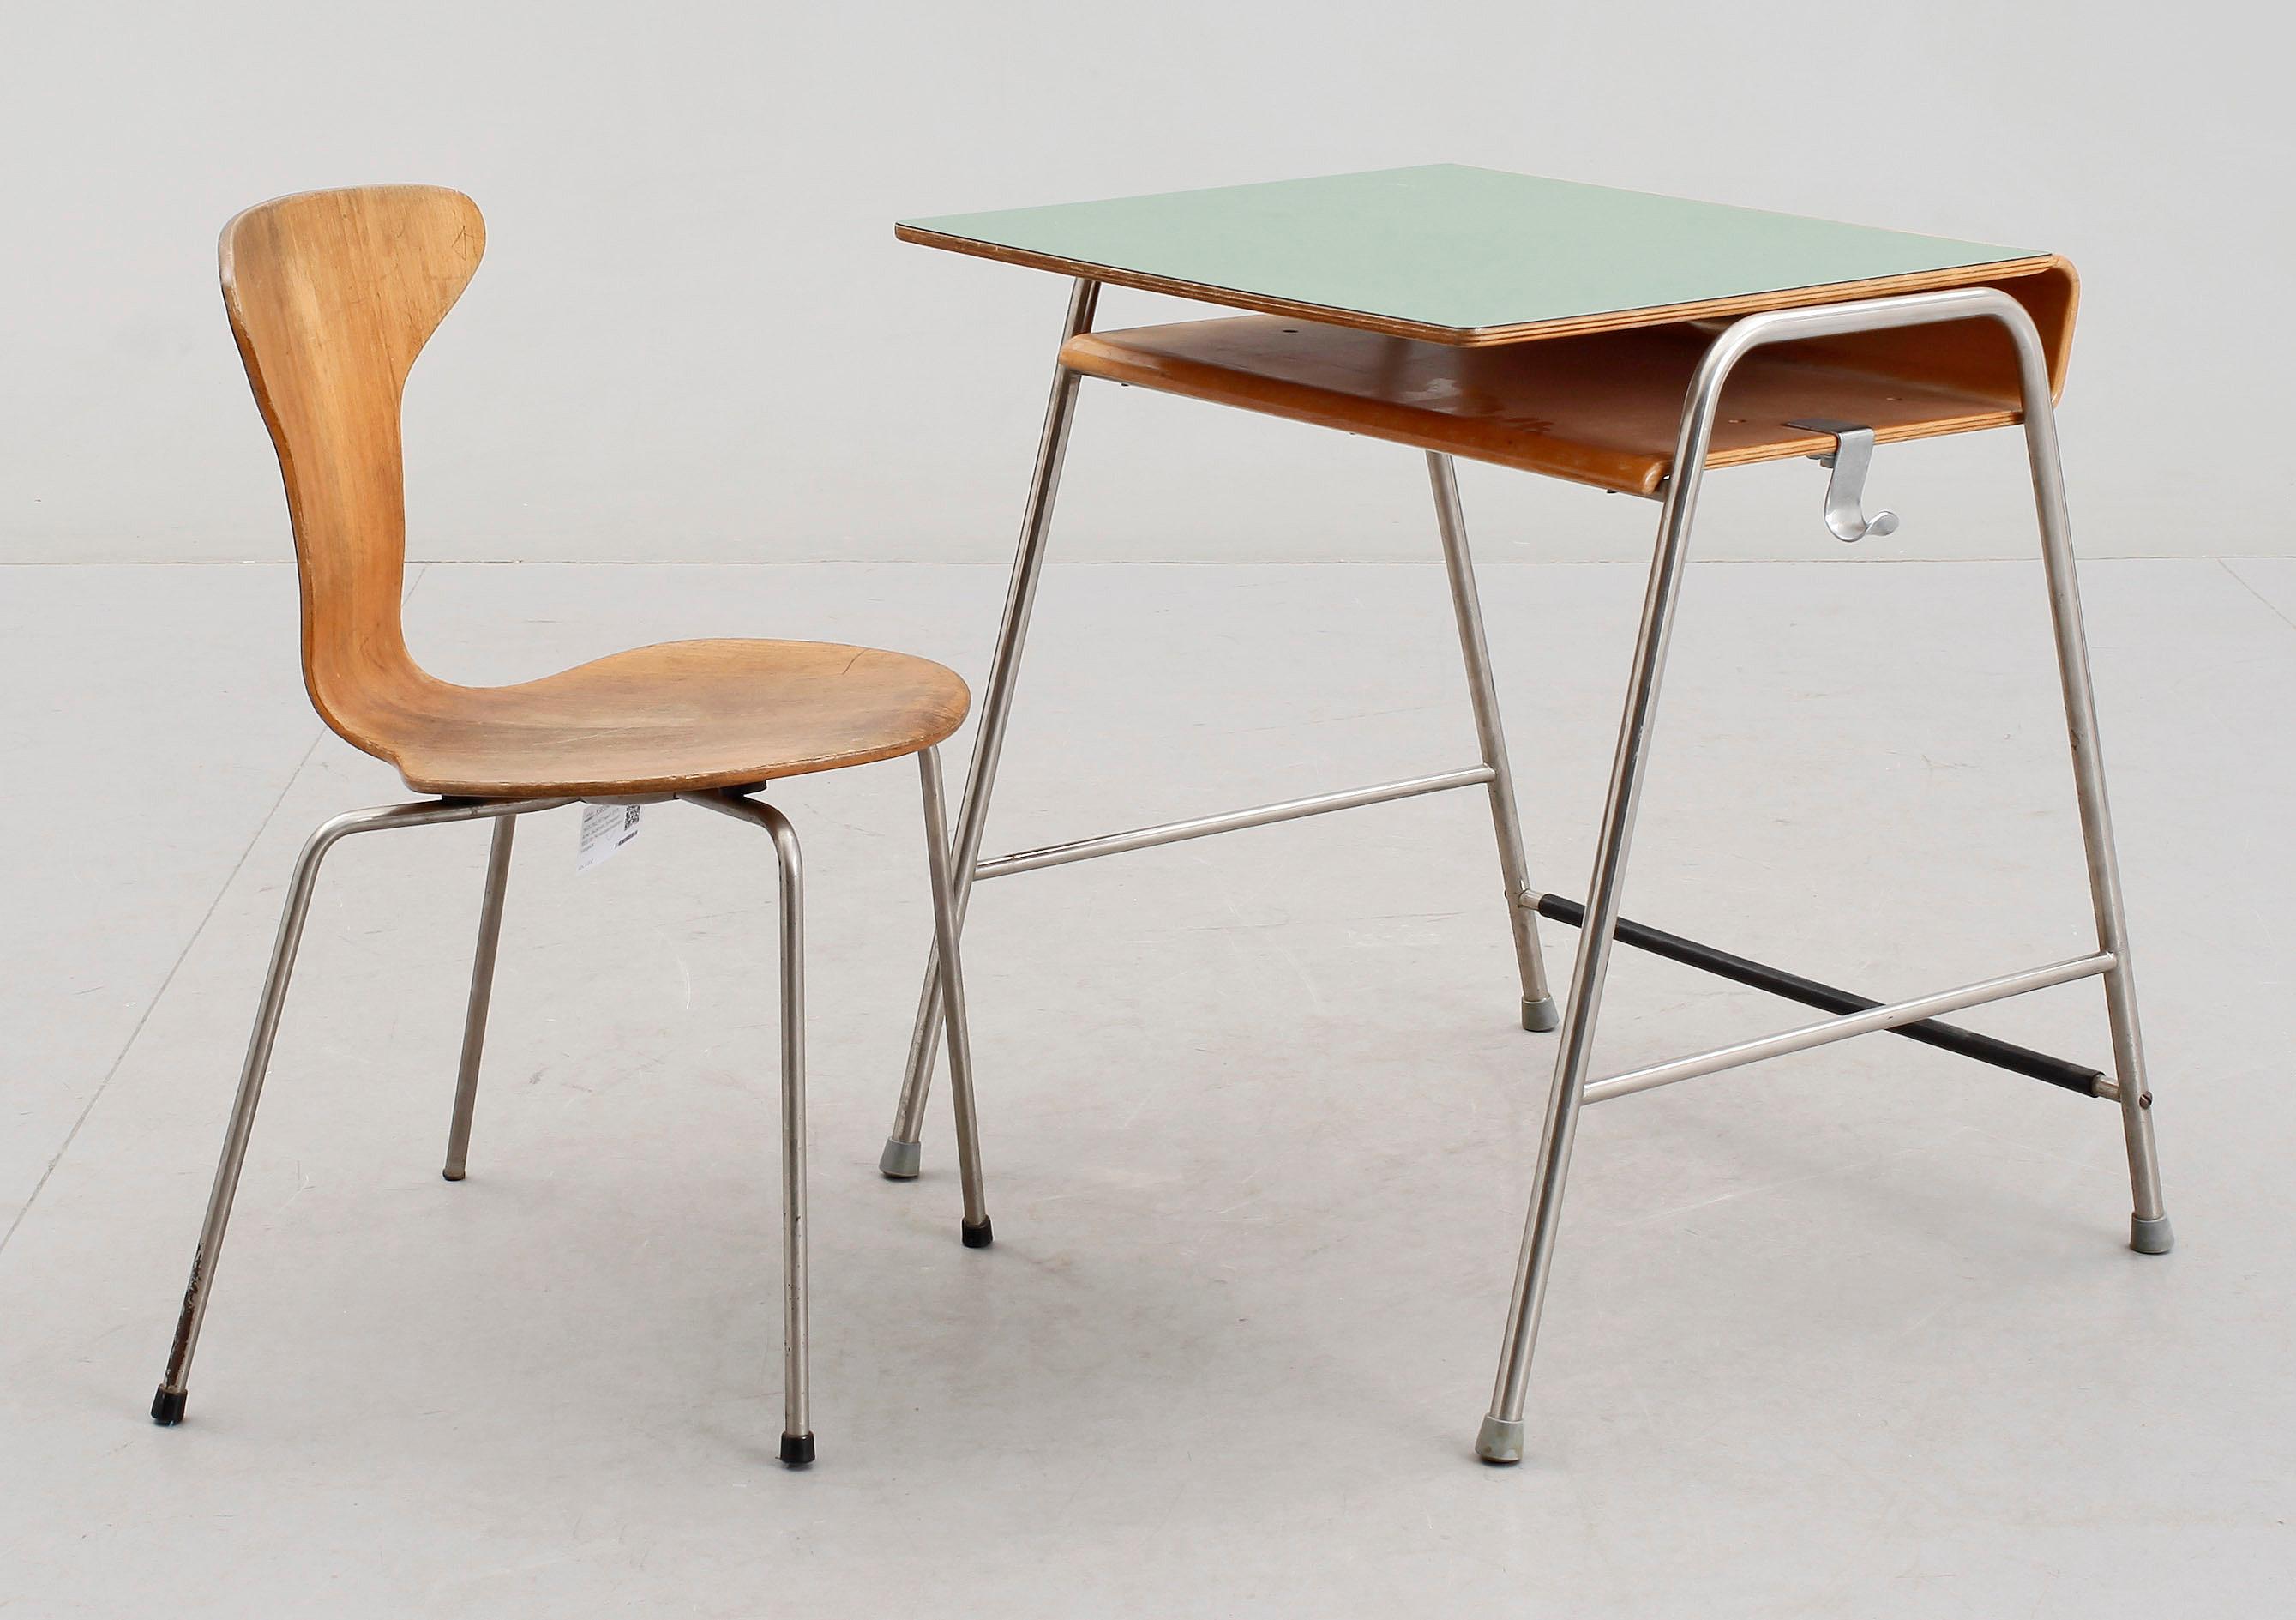 Arne Jacobsen Stoel : Skolpulpet samt stol arne jacobsen formgiven 1955 för